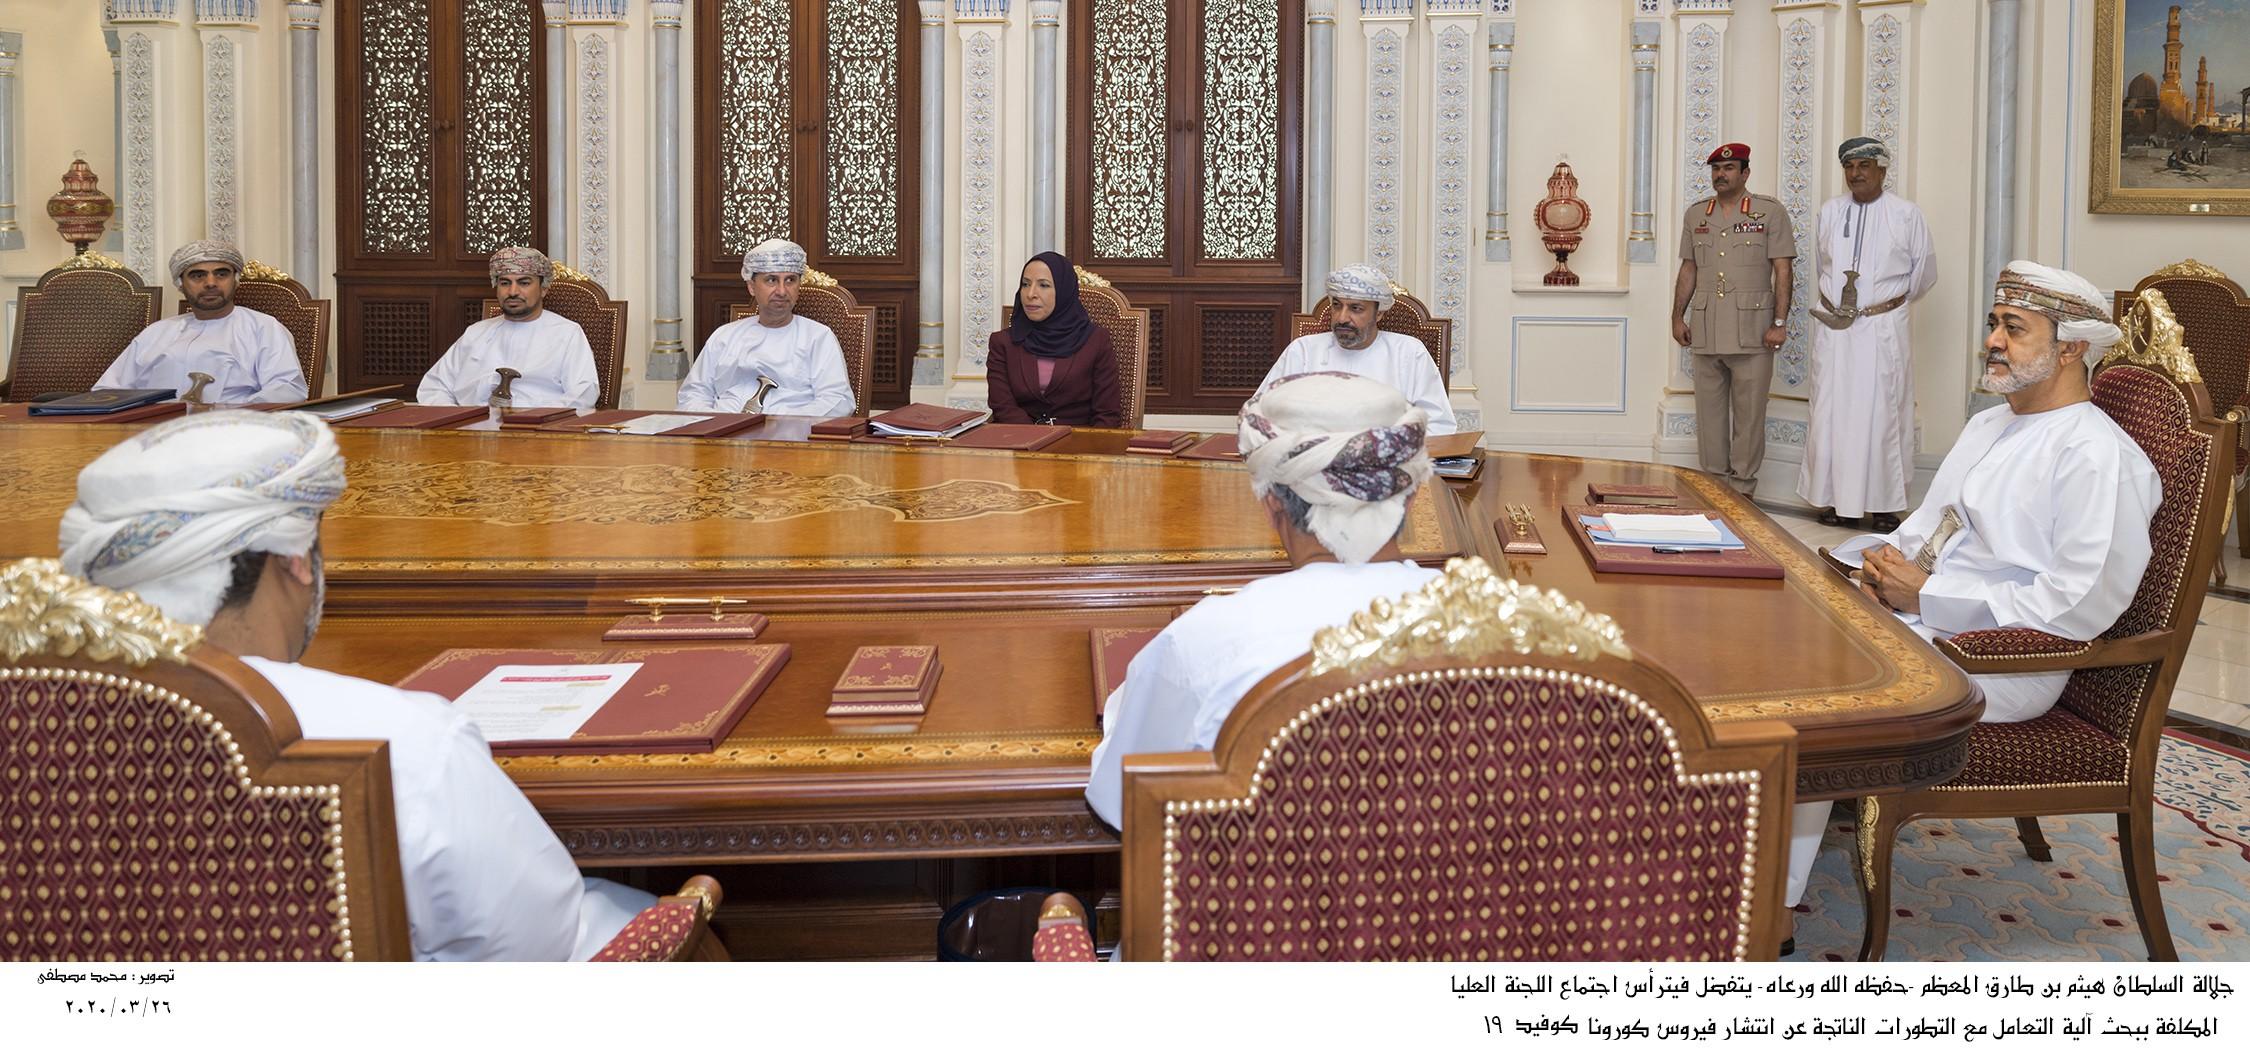 جلالة-السلطان-المعظم-يترأس-اجتماع-اللجنة-العليا-المكلفة-ببحث-آليات-التعامل-مع-انتشار-فيروس-كورونا2.jpg